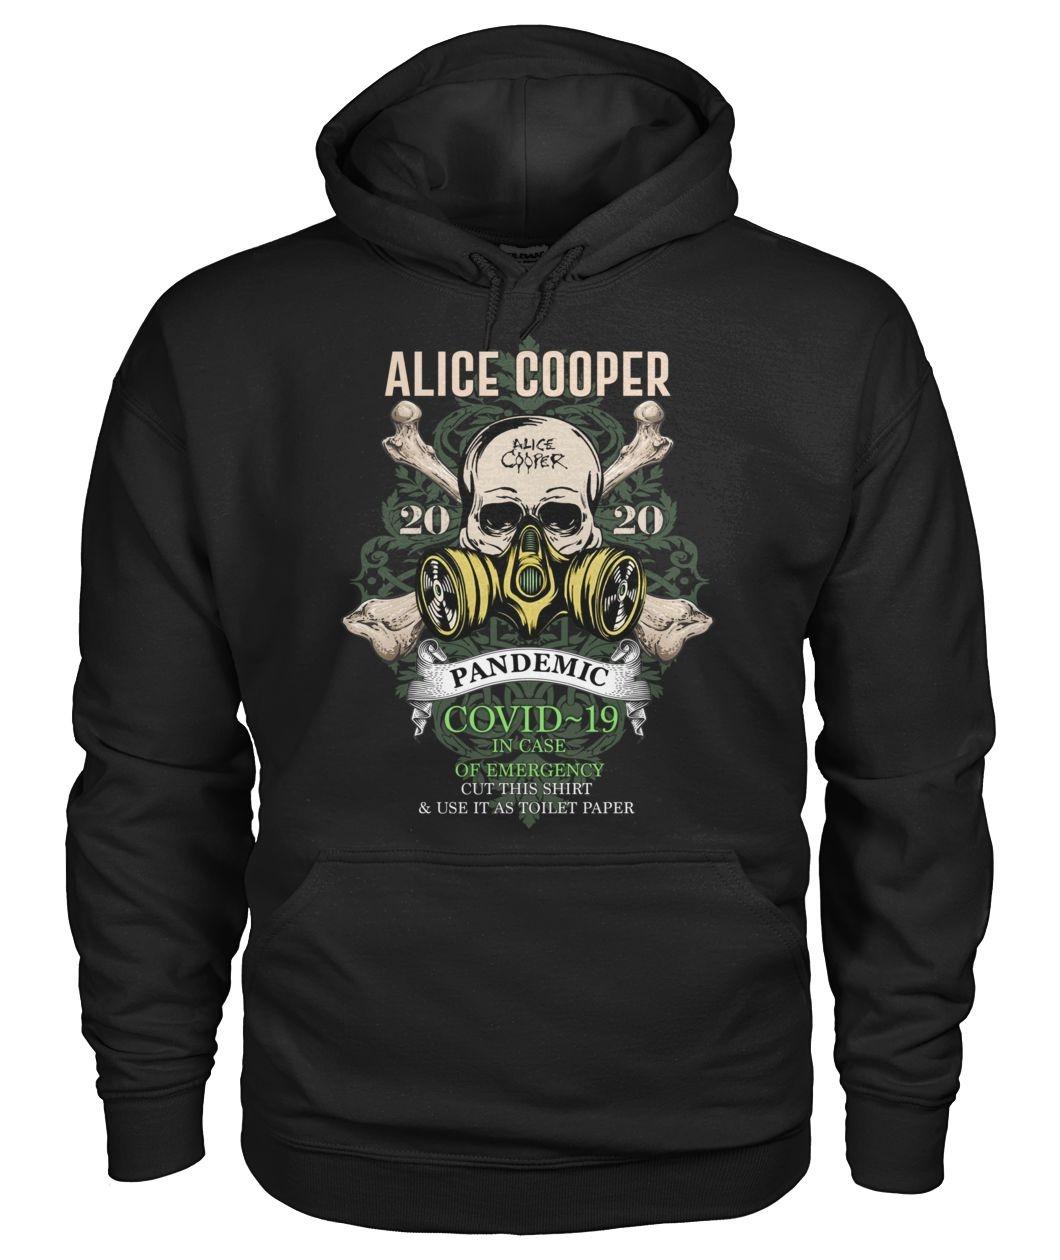 Alice Cooper Skull 2020 Covid-19 Pandemic hoodie